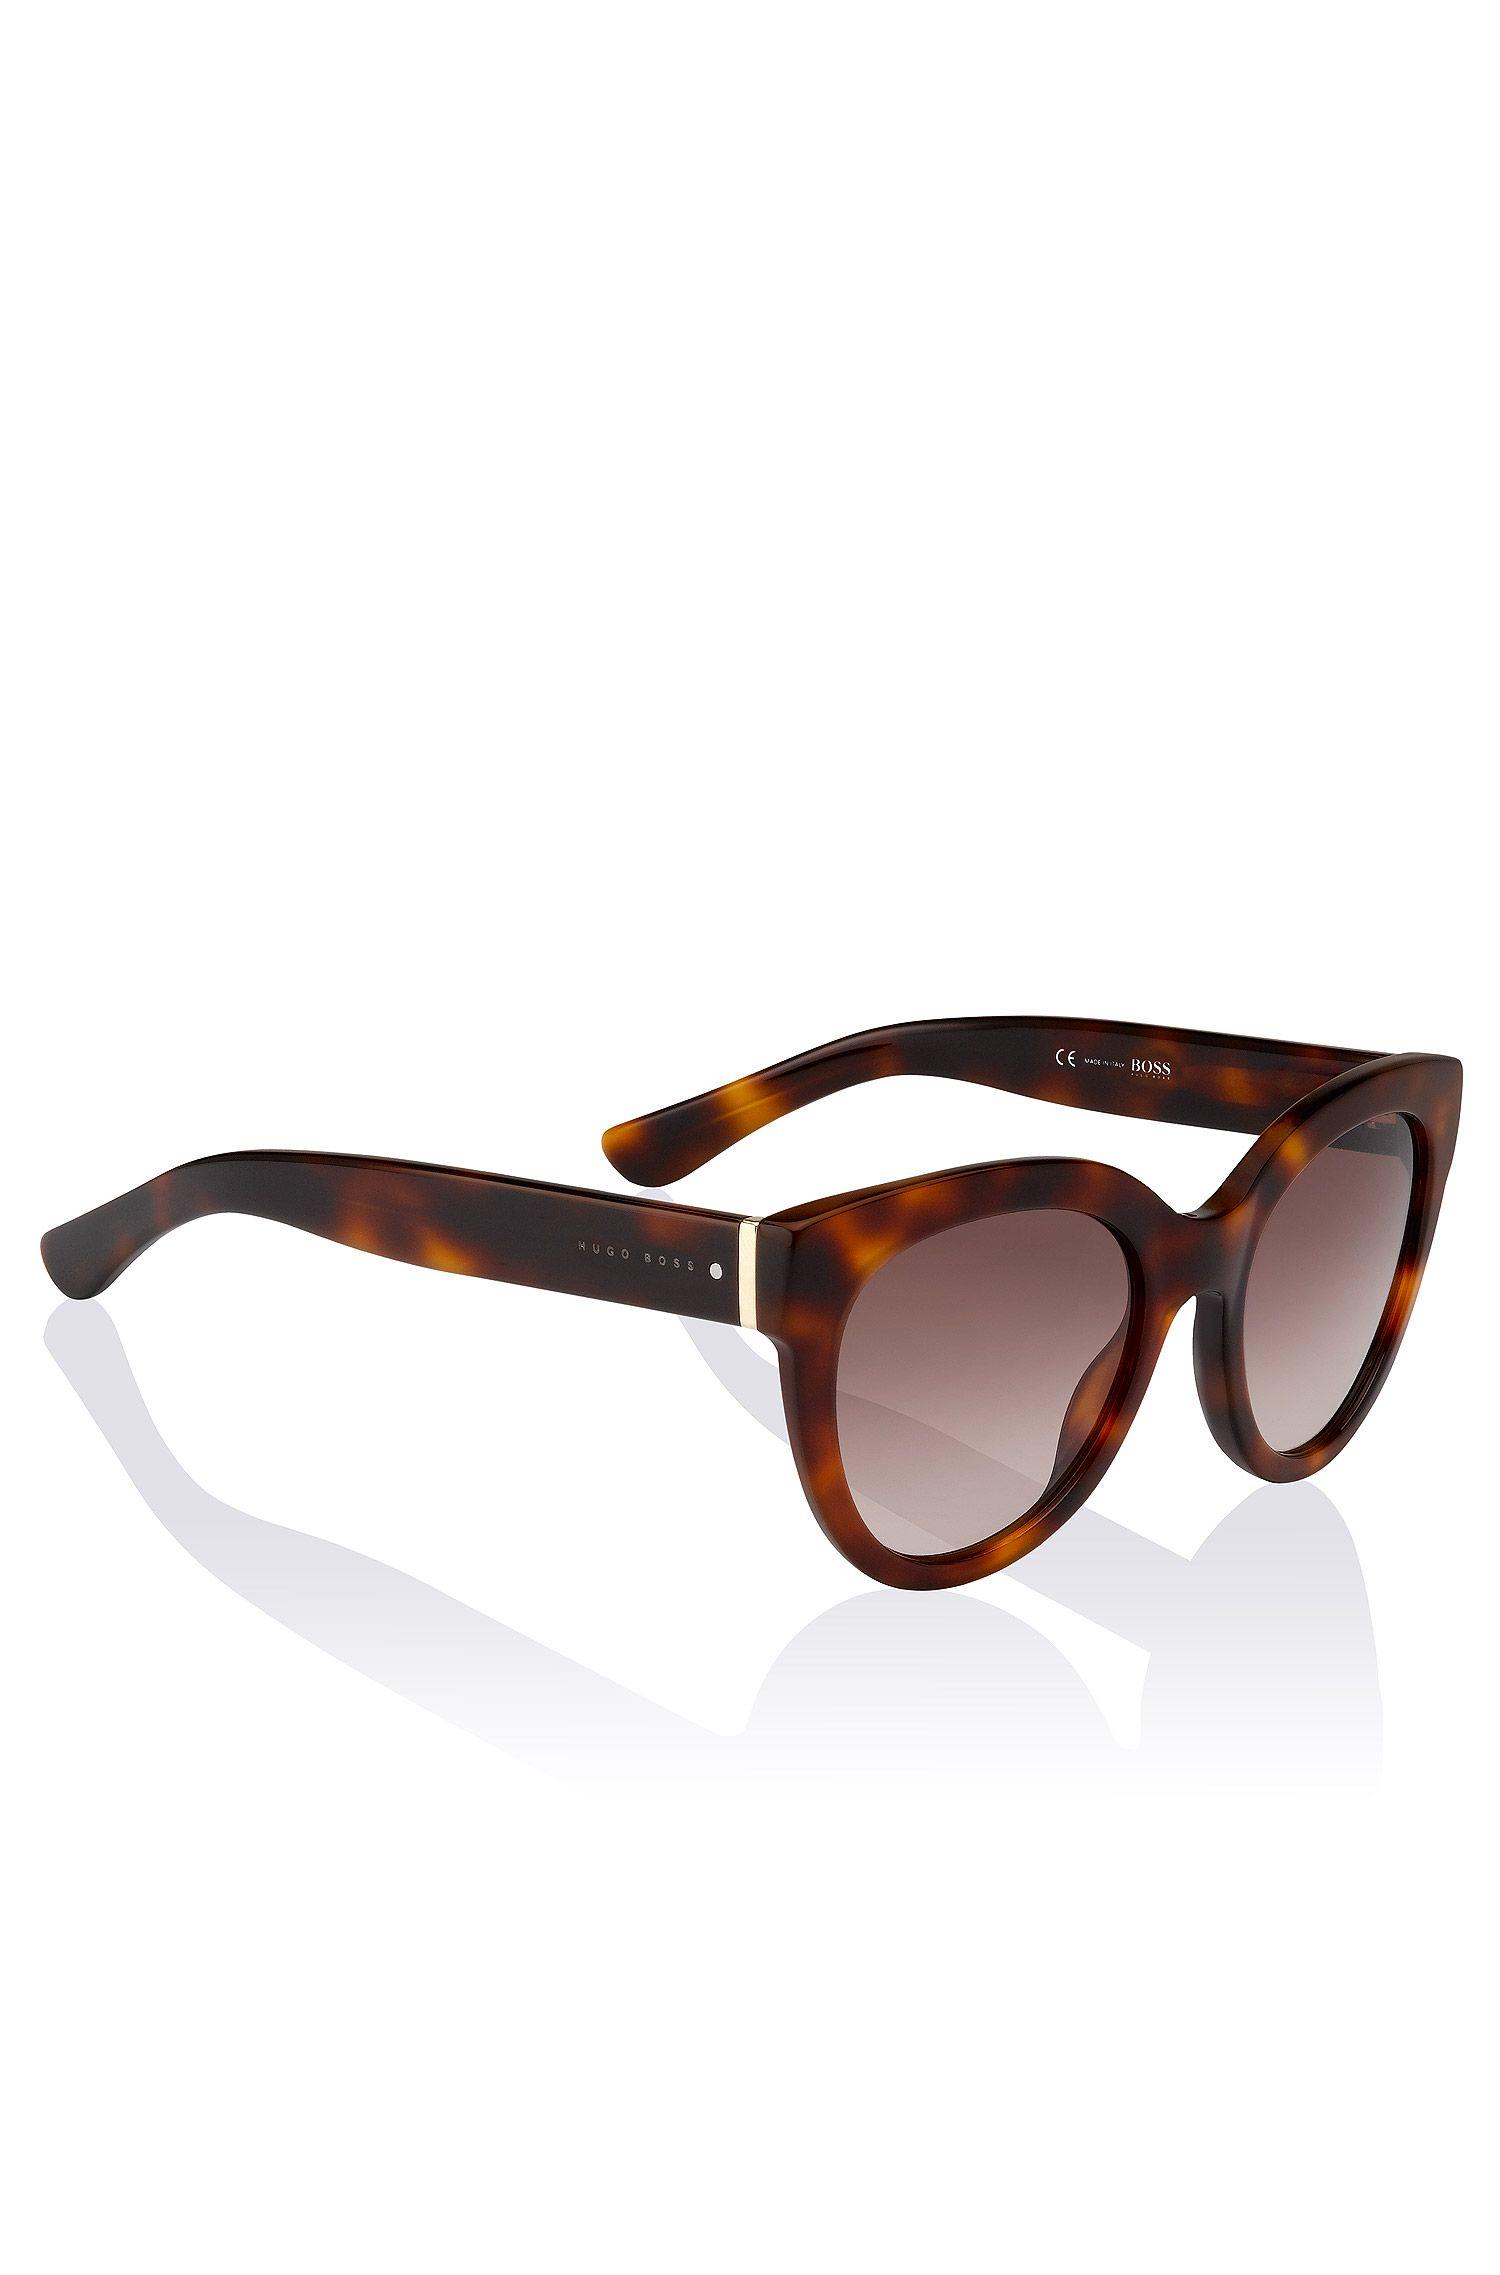 Cat-Eye-Sonnenbrille ´BOSS 0675` aus Acetat und Metall